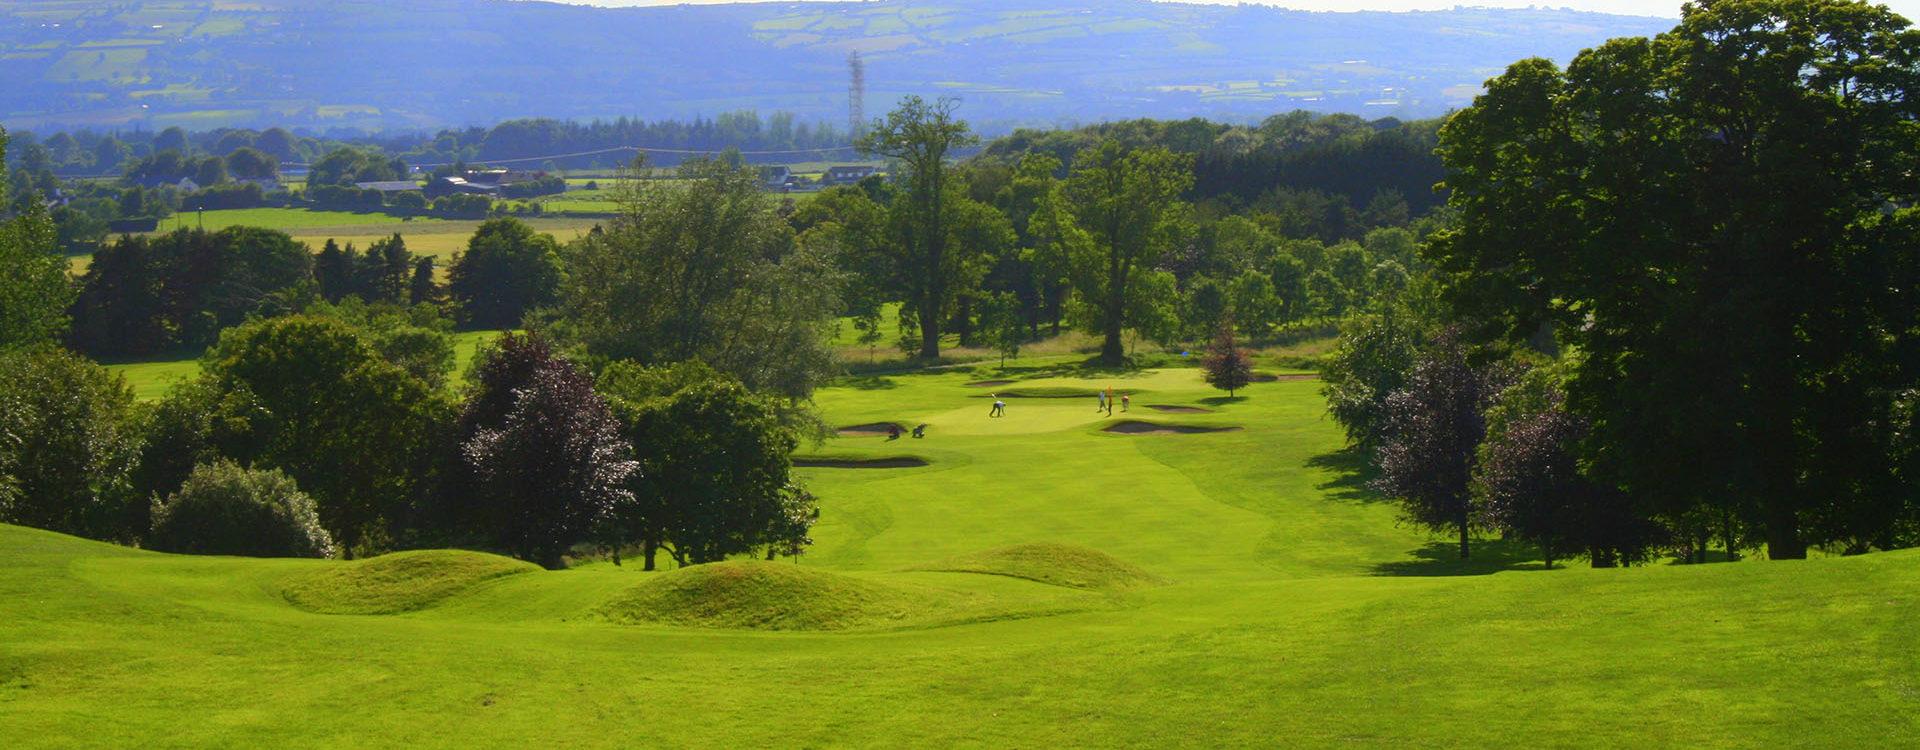 Carlow Golf Club - Club Choice Ireland